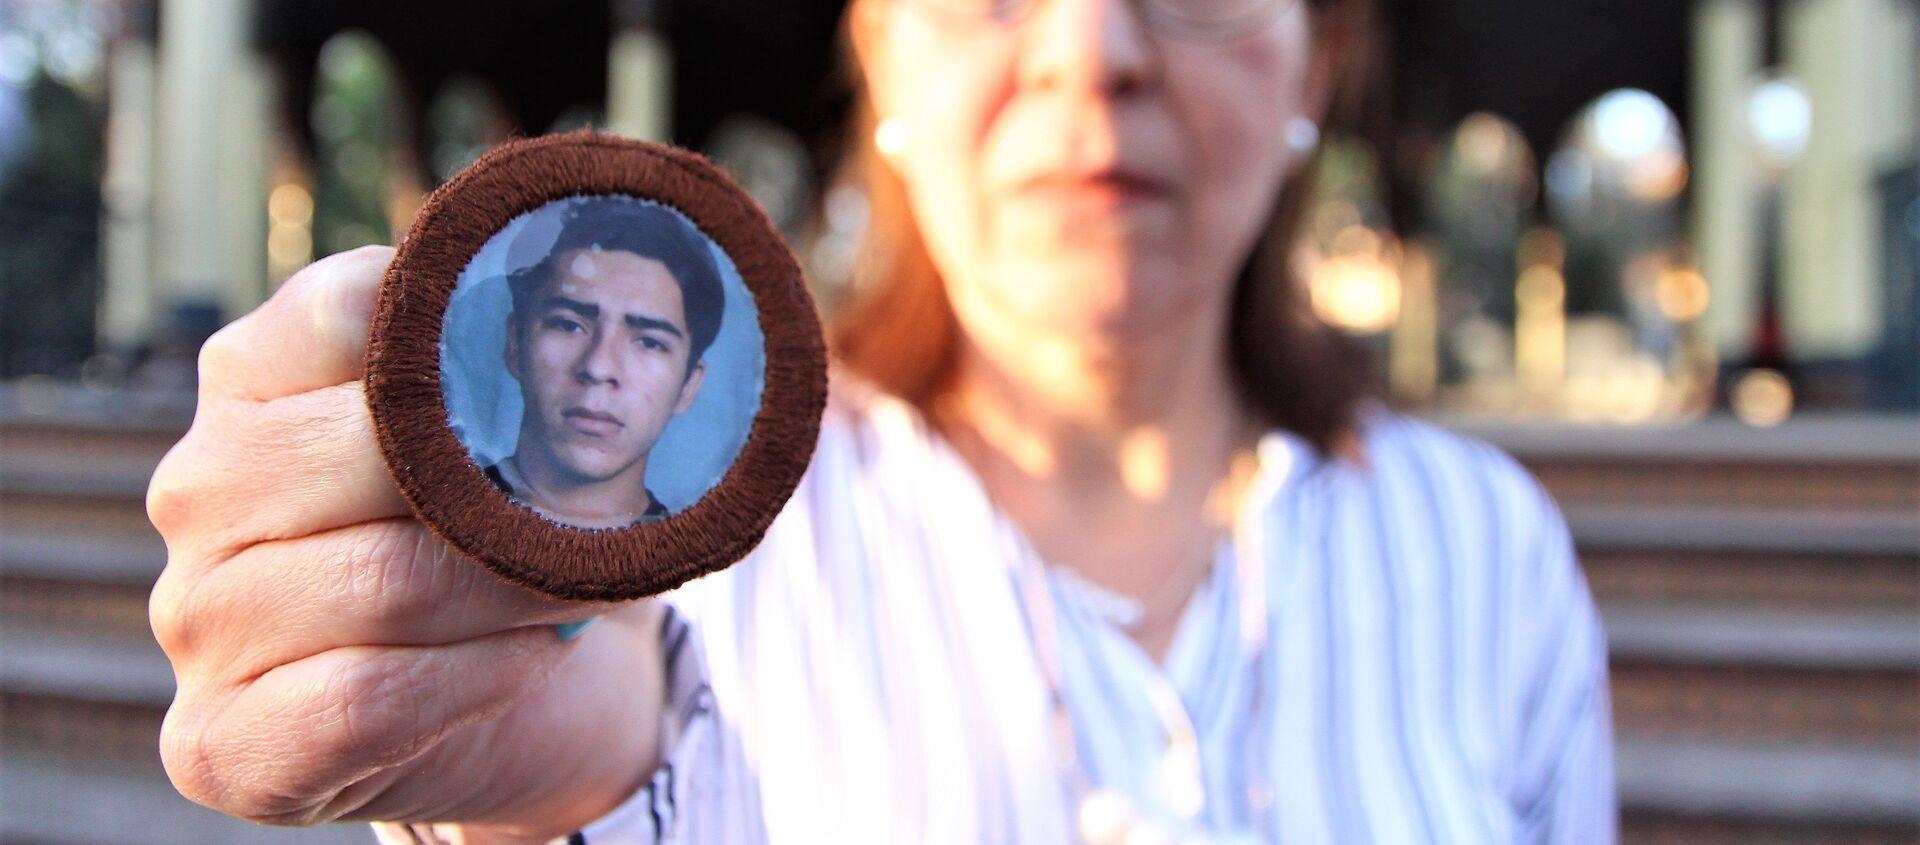 Ciudad de México. Ana Enamorado muestra la foto de su hijo Oscar López Enamorado quien salió de San Pedro Sula, Honduras, en 2008 y se comunicó por última vez en enero de 2010, desde Jalisco. - Sputnik Mundo, 1920, 19.03.2019